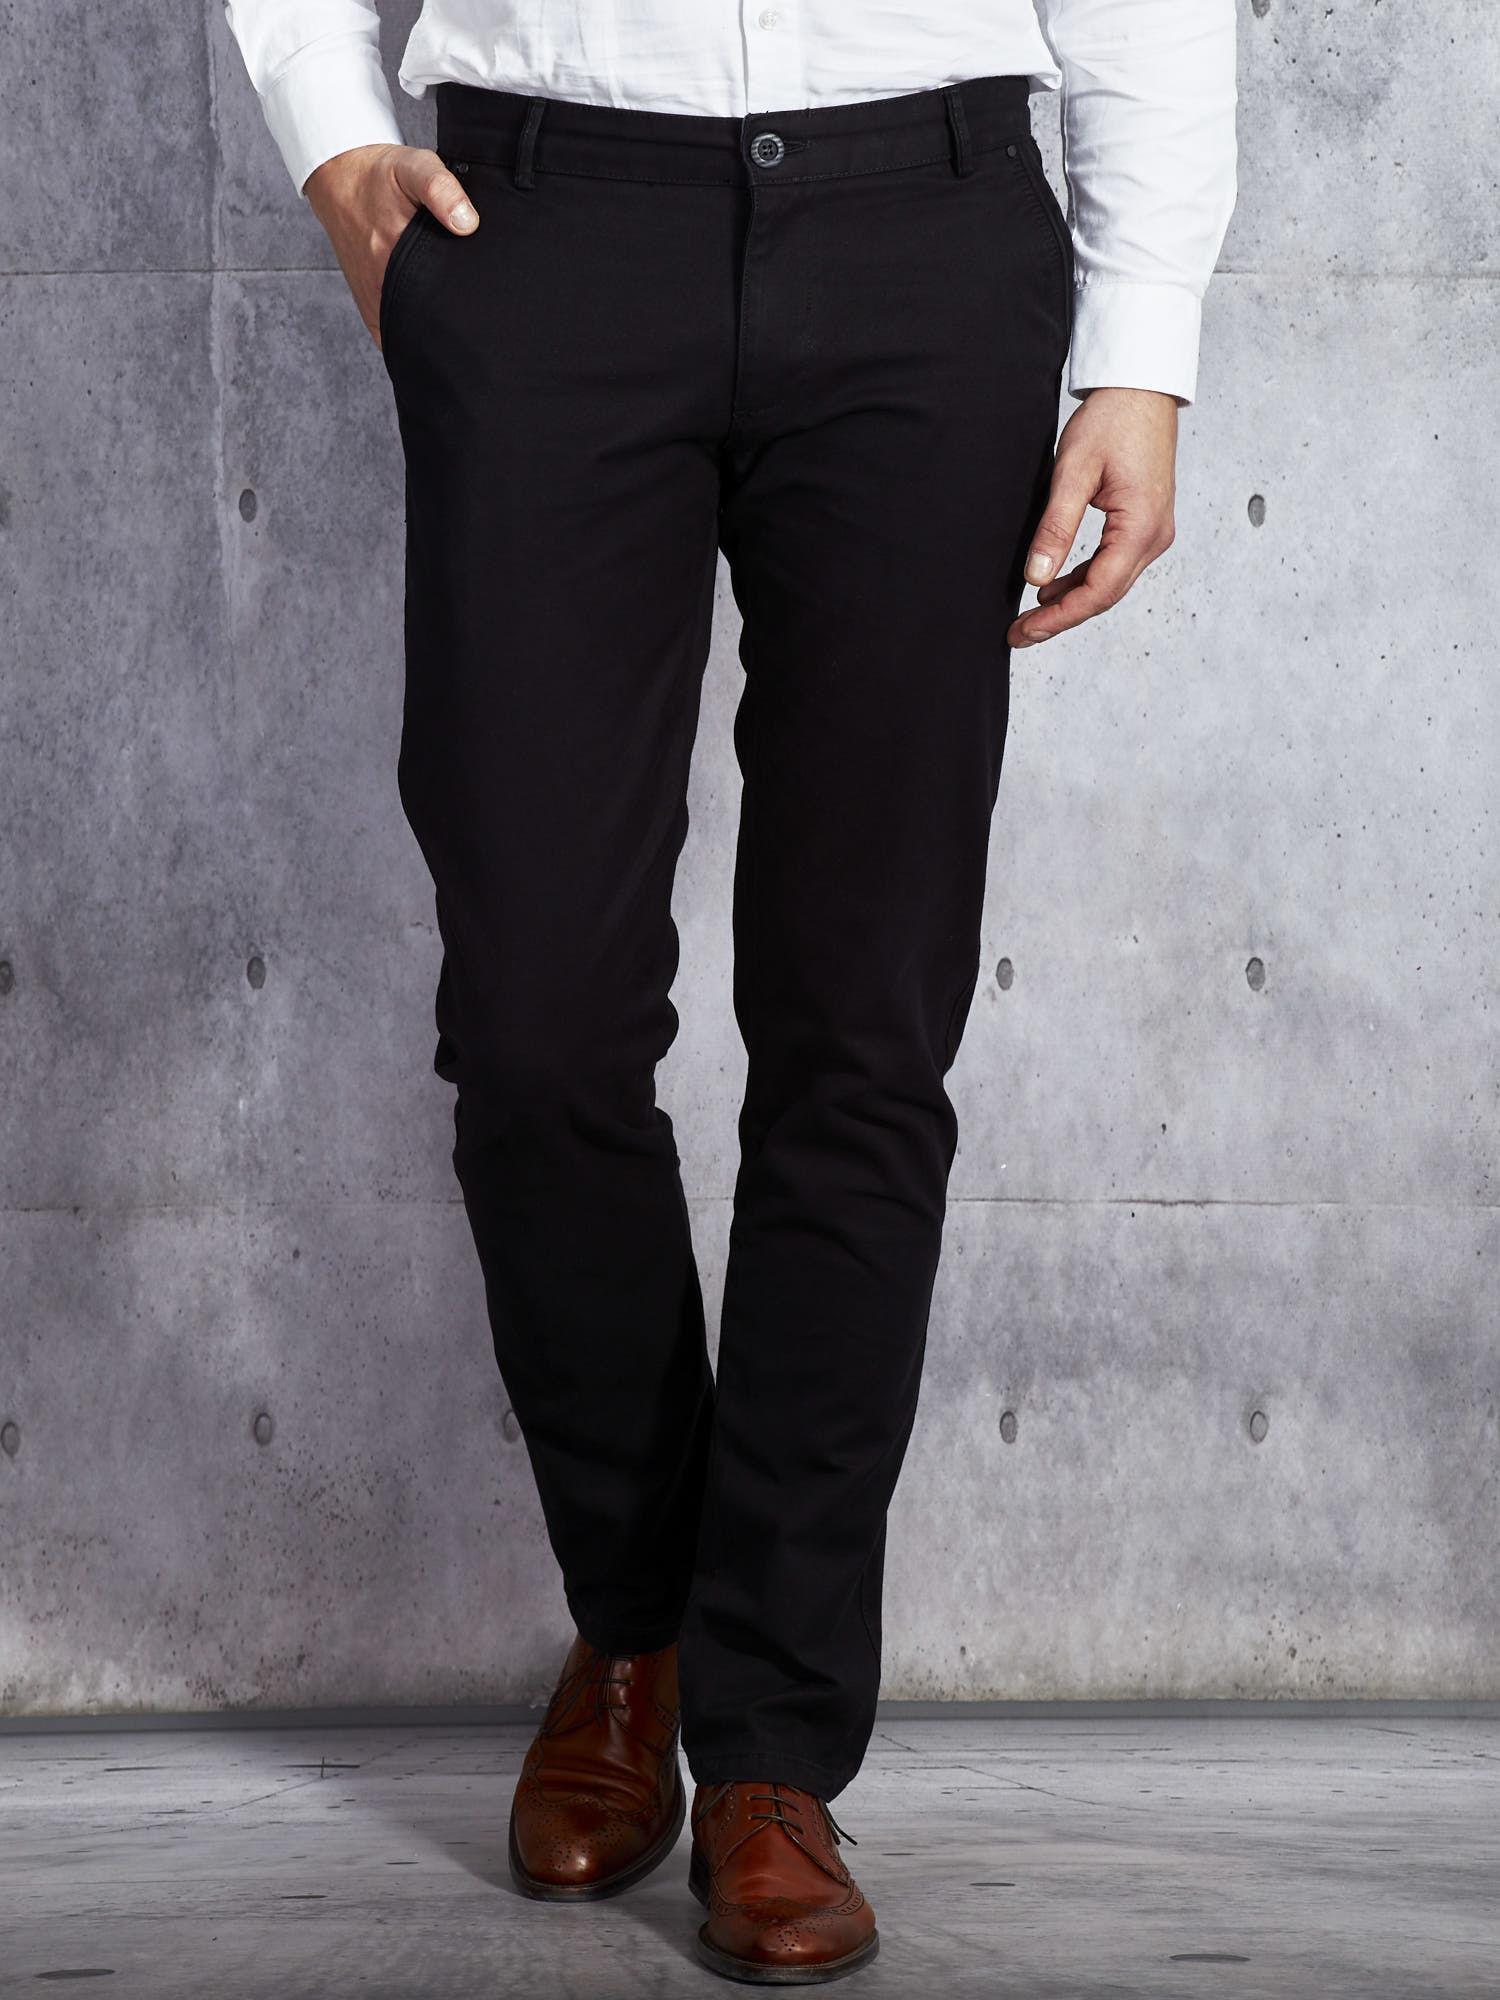 Czarne jeansy męskie Jakie jeansy męskie kupić